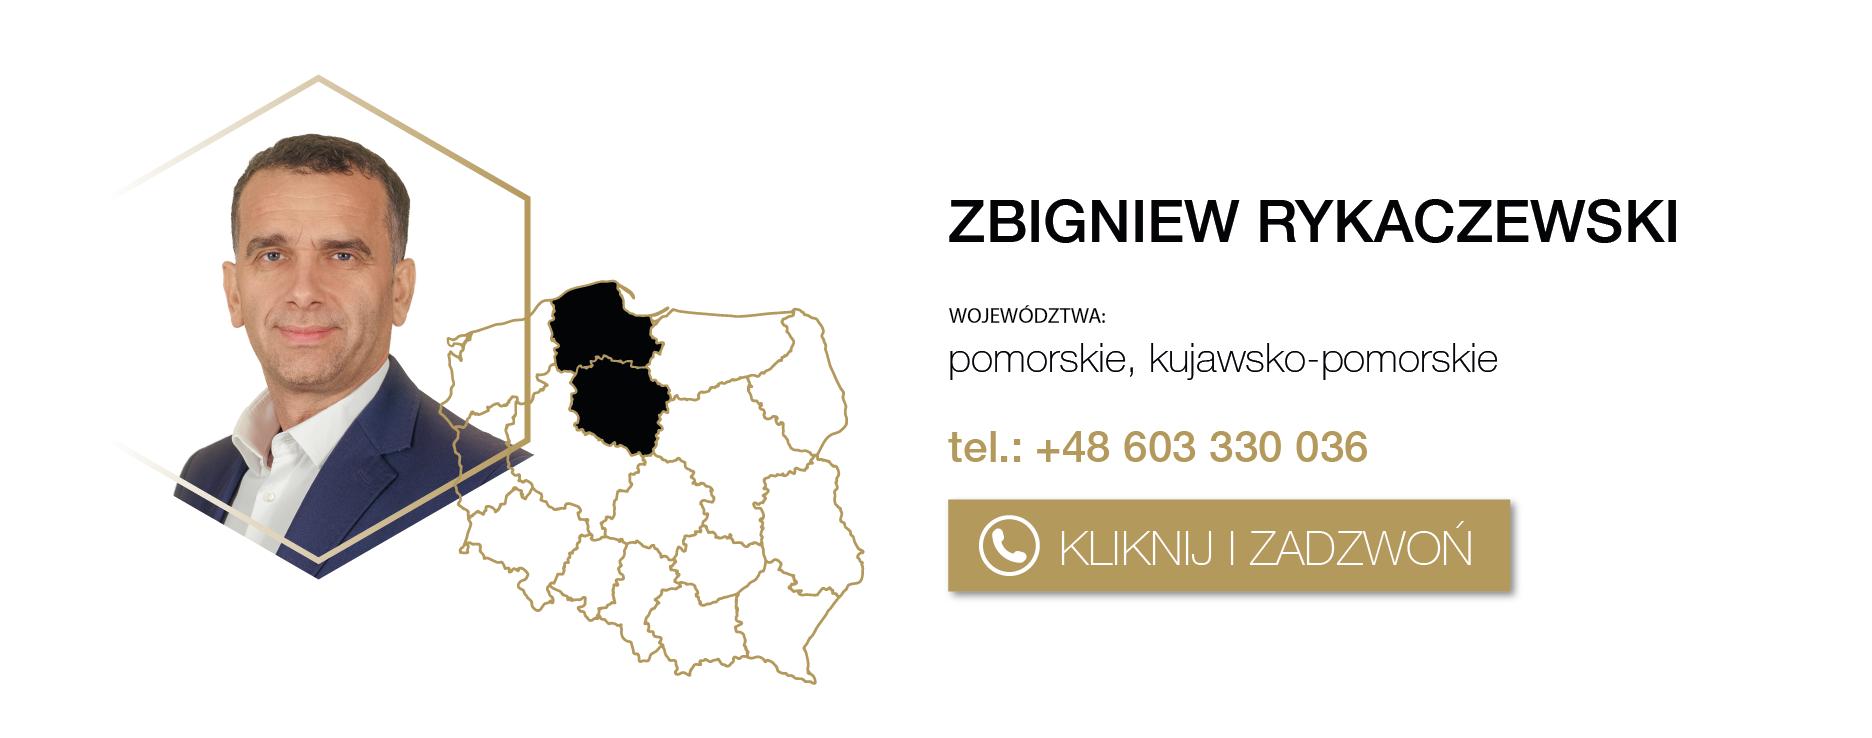 Zbigniew Rykaczewski